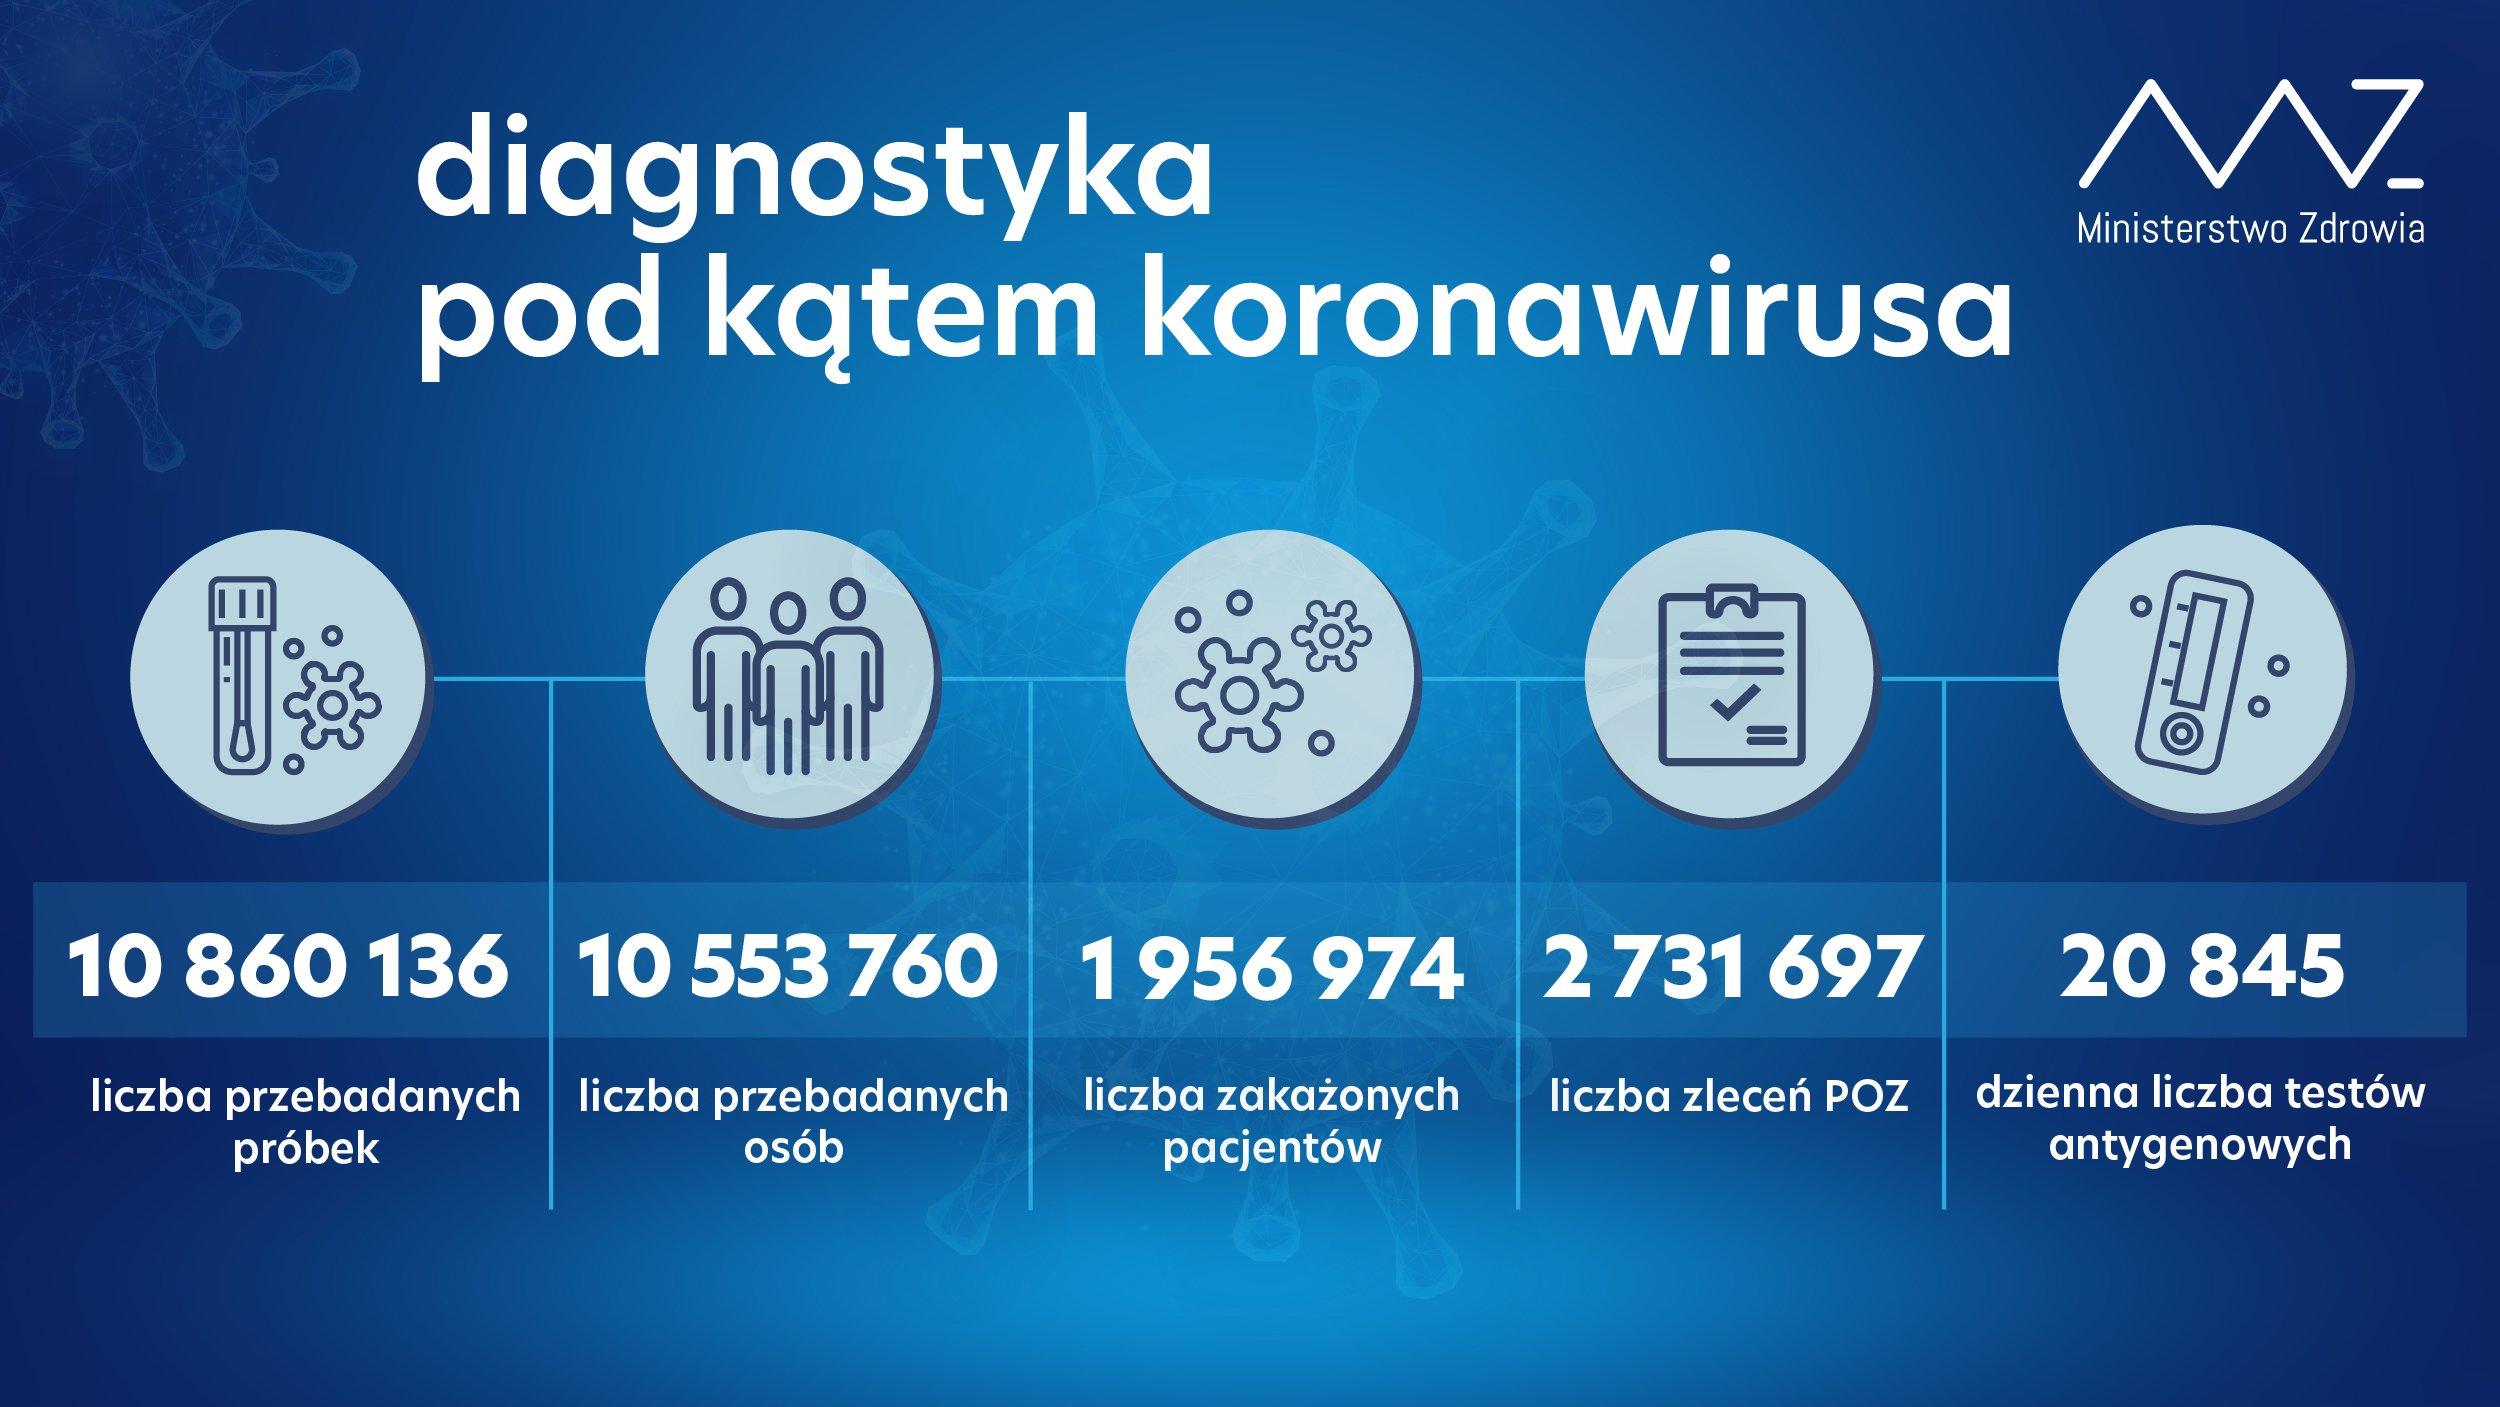 10 860 136 przebadanych próbek; -  10 553 760 przebadanych osób; -  1 956 974 zakażonych pacjentów; -  w ciągu doby wykonano 84 862 testy, w tym 20 845 testów antygenowych; -  liczba zleceń z POZ: 2 731 697